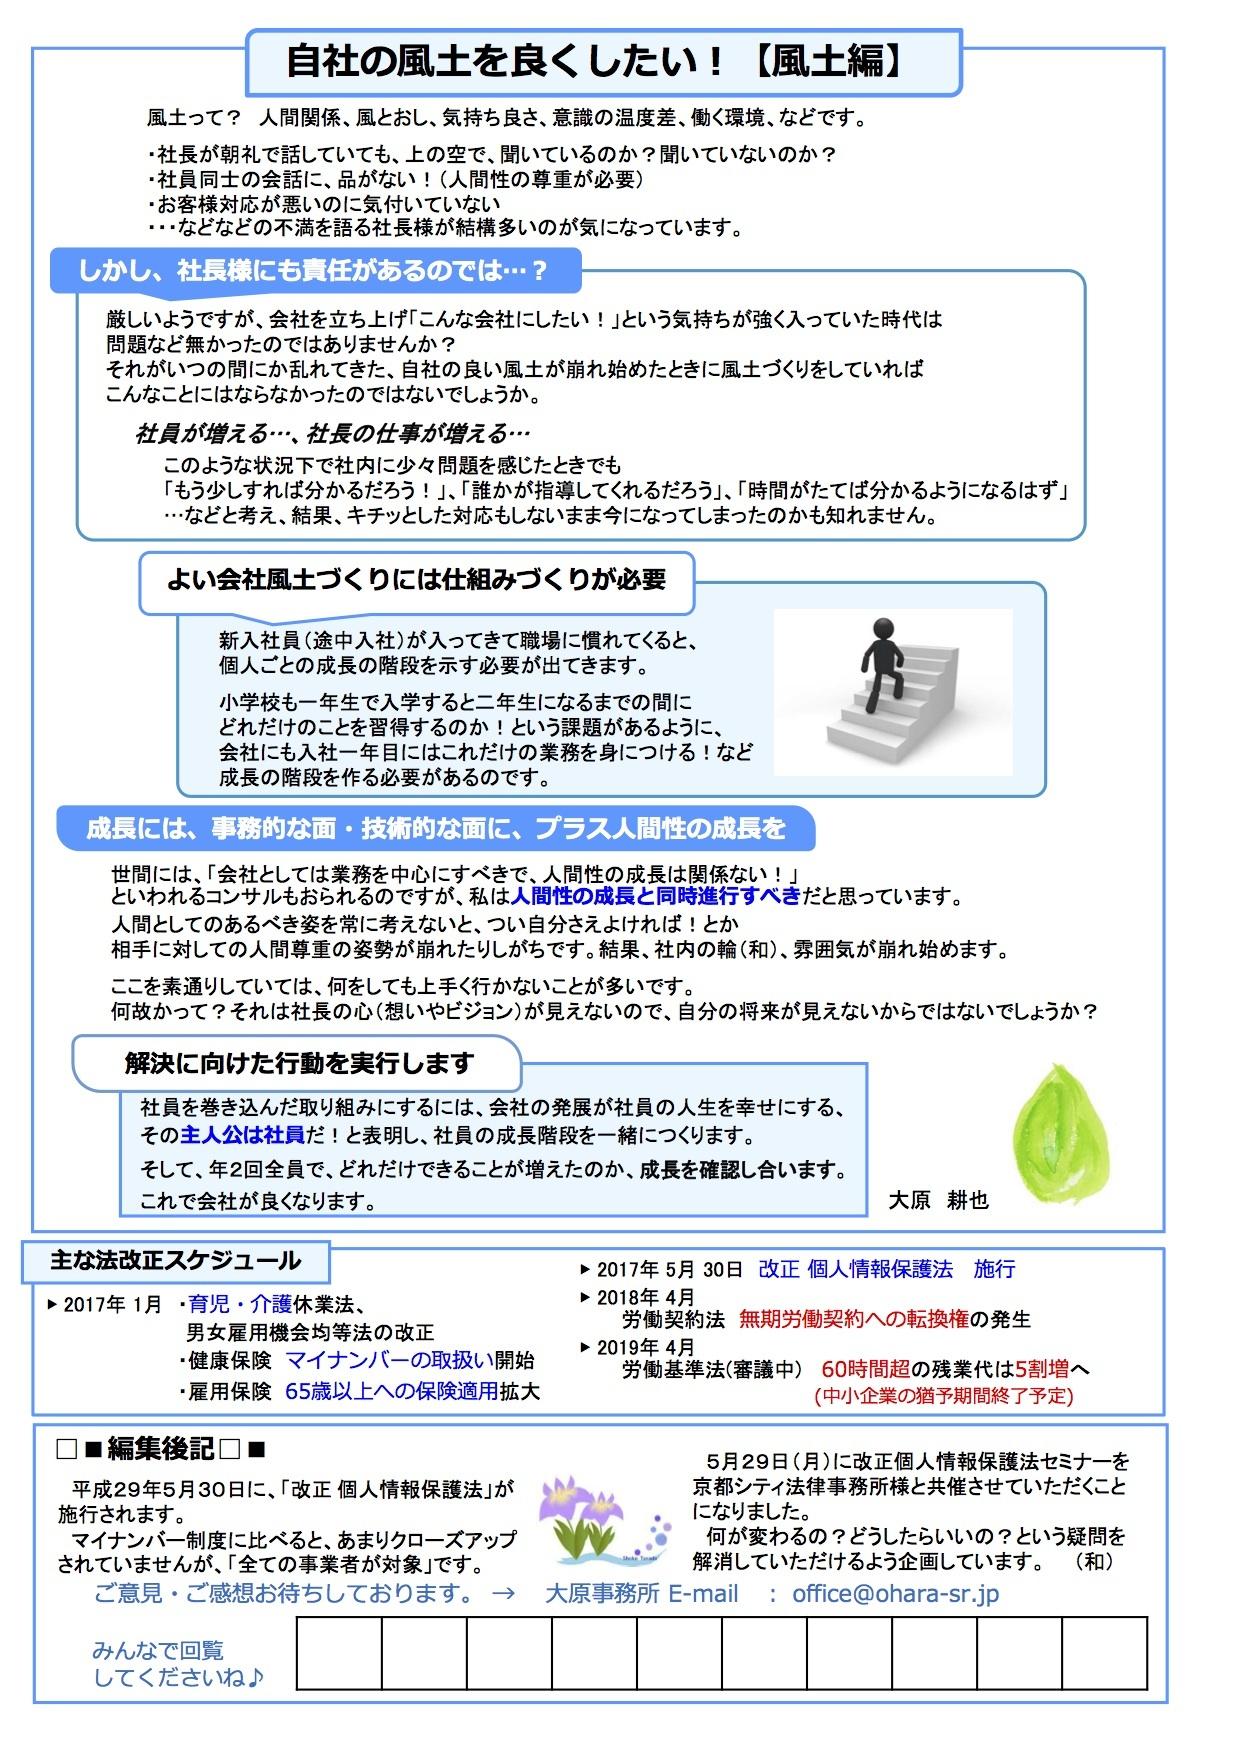 2017_05_2.jpg